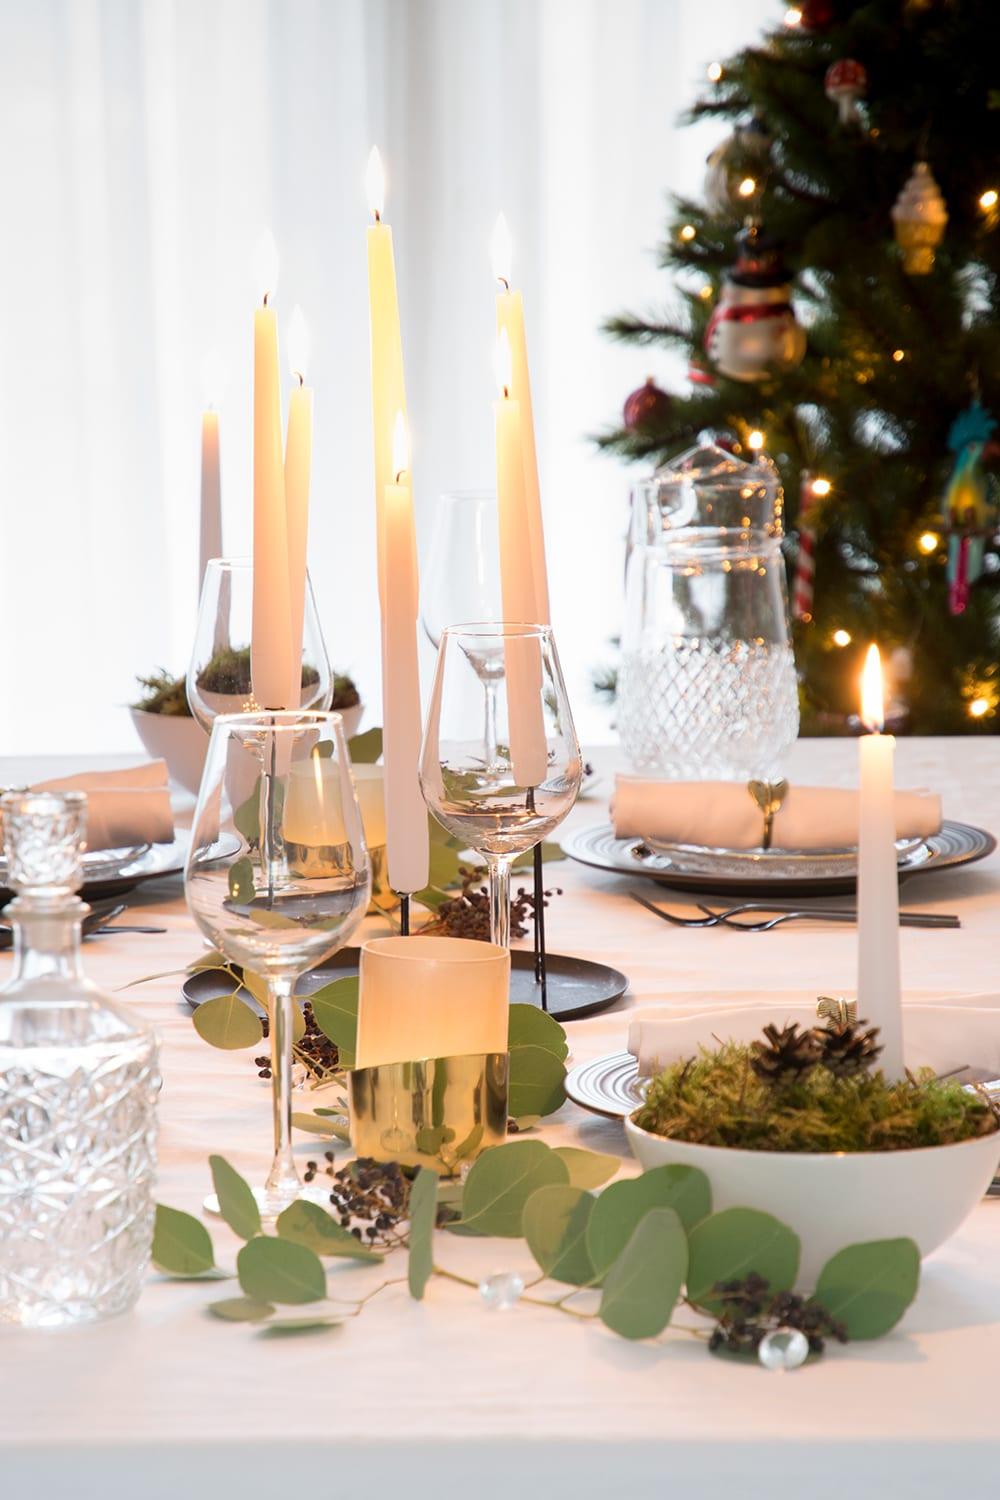 Kerstversiering eettafel